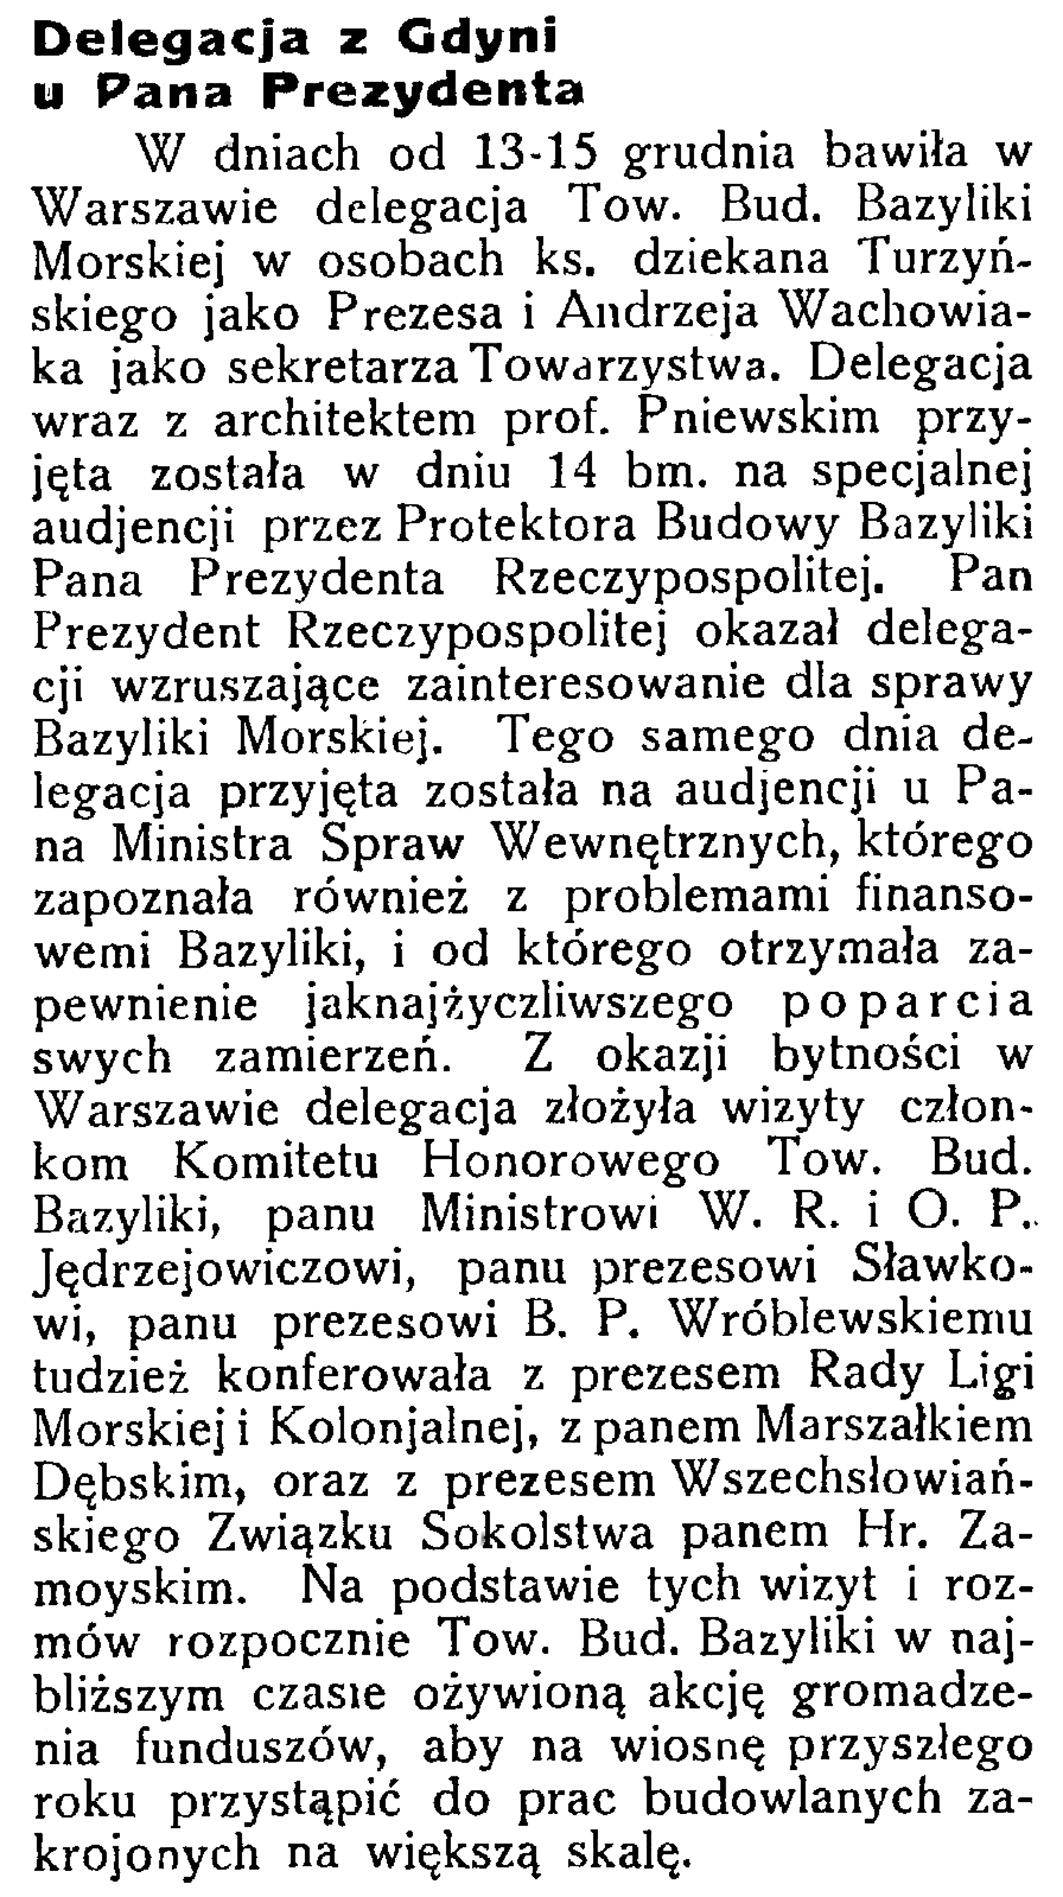 Delegacja z Gdyni u Pana Prezydenta // Latarnia Morska. - 1934, nr 46, s. 4